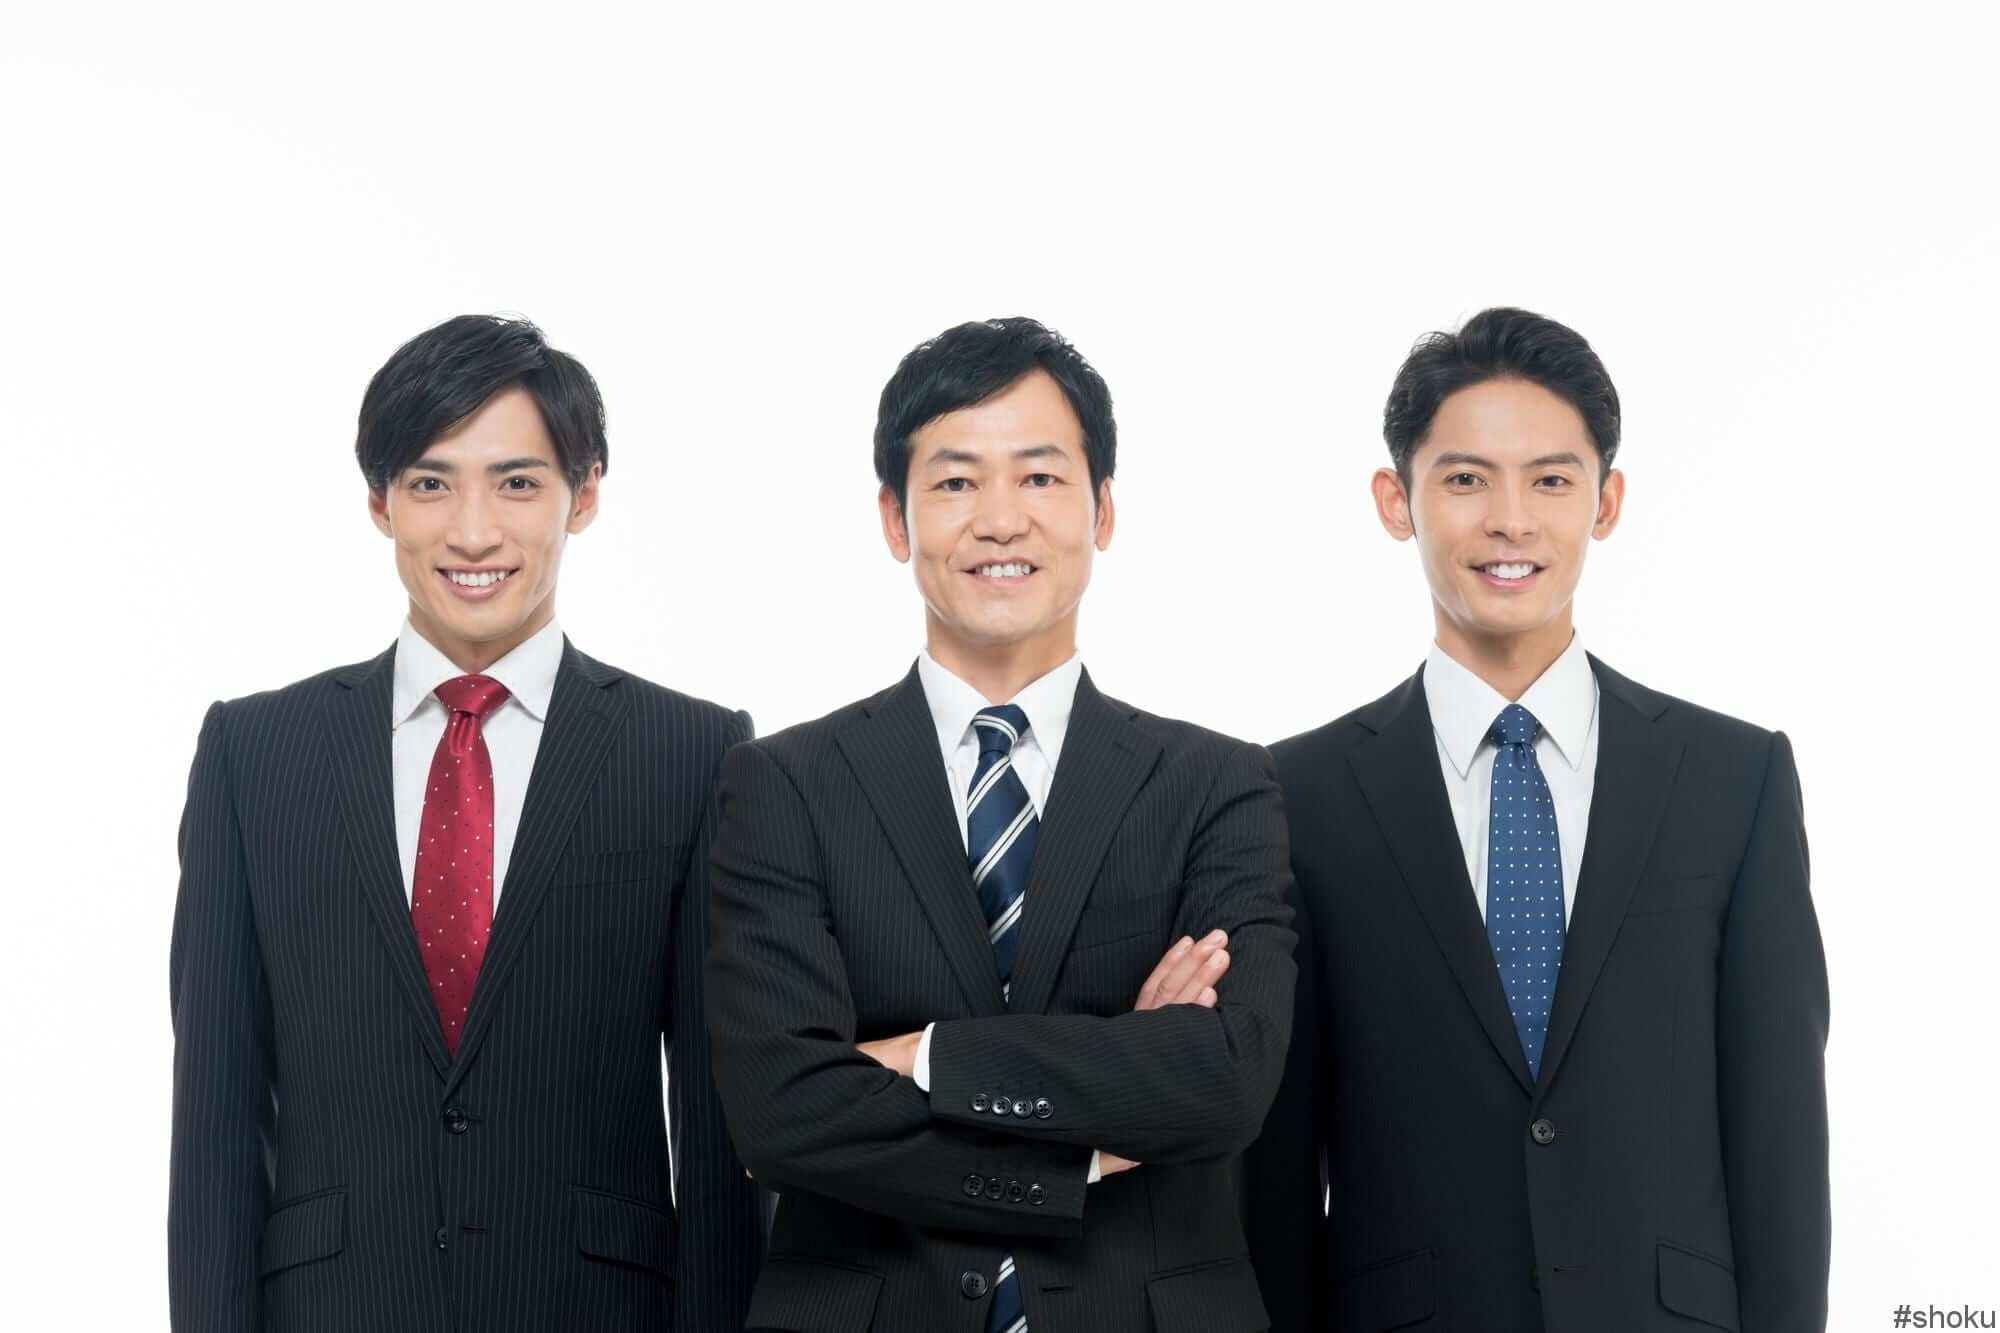 ハイクラス転職エージェントは3種類ある